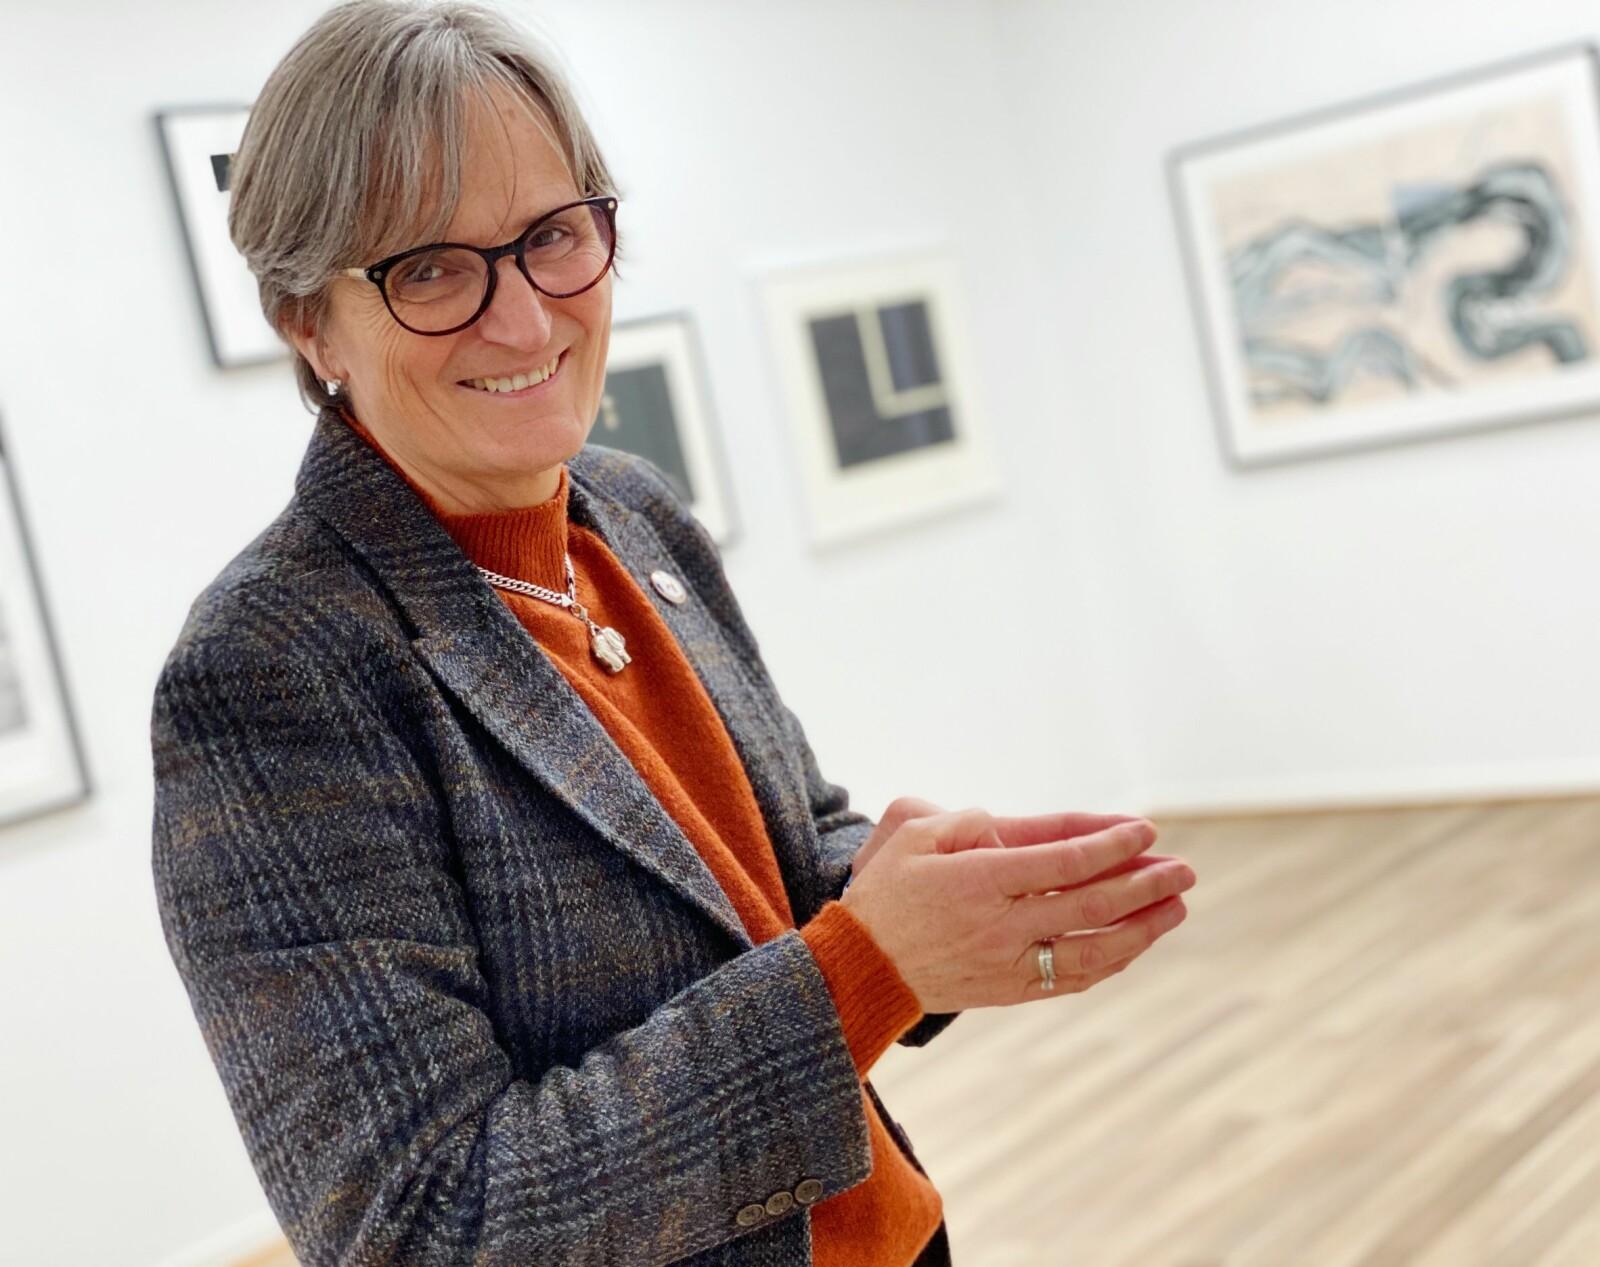 Nyttårsintervju med Gerty Lund ble heller ikke helt som forventet. Vi stakk innom et galleri - og da erfarte vi at Lund er særdeles kunsinteressert.